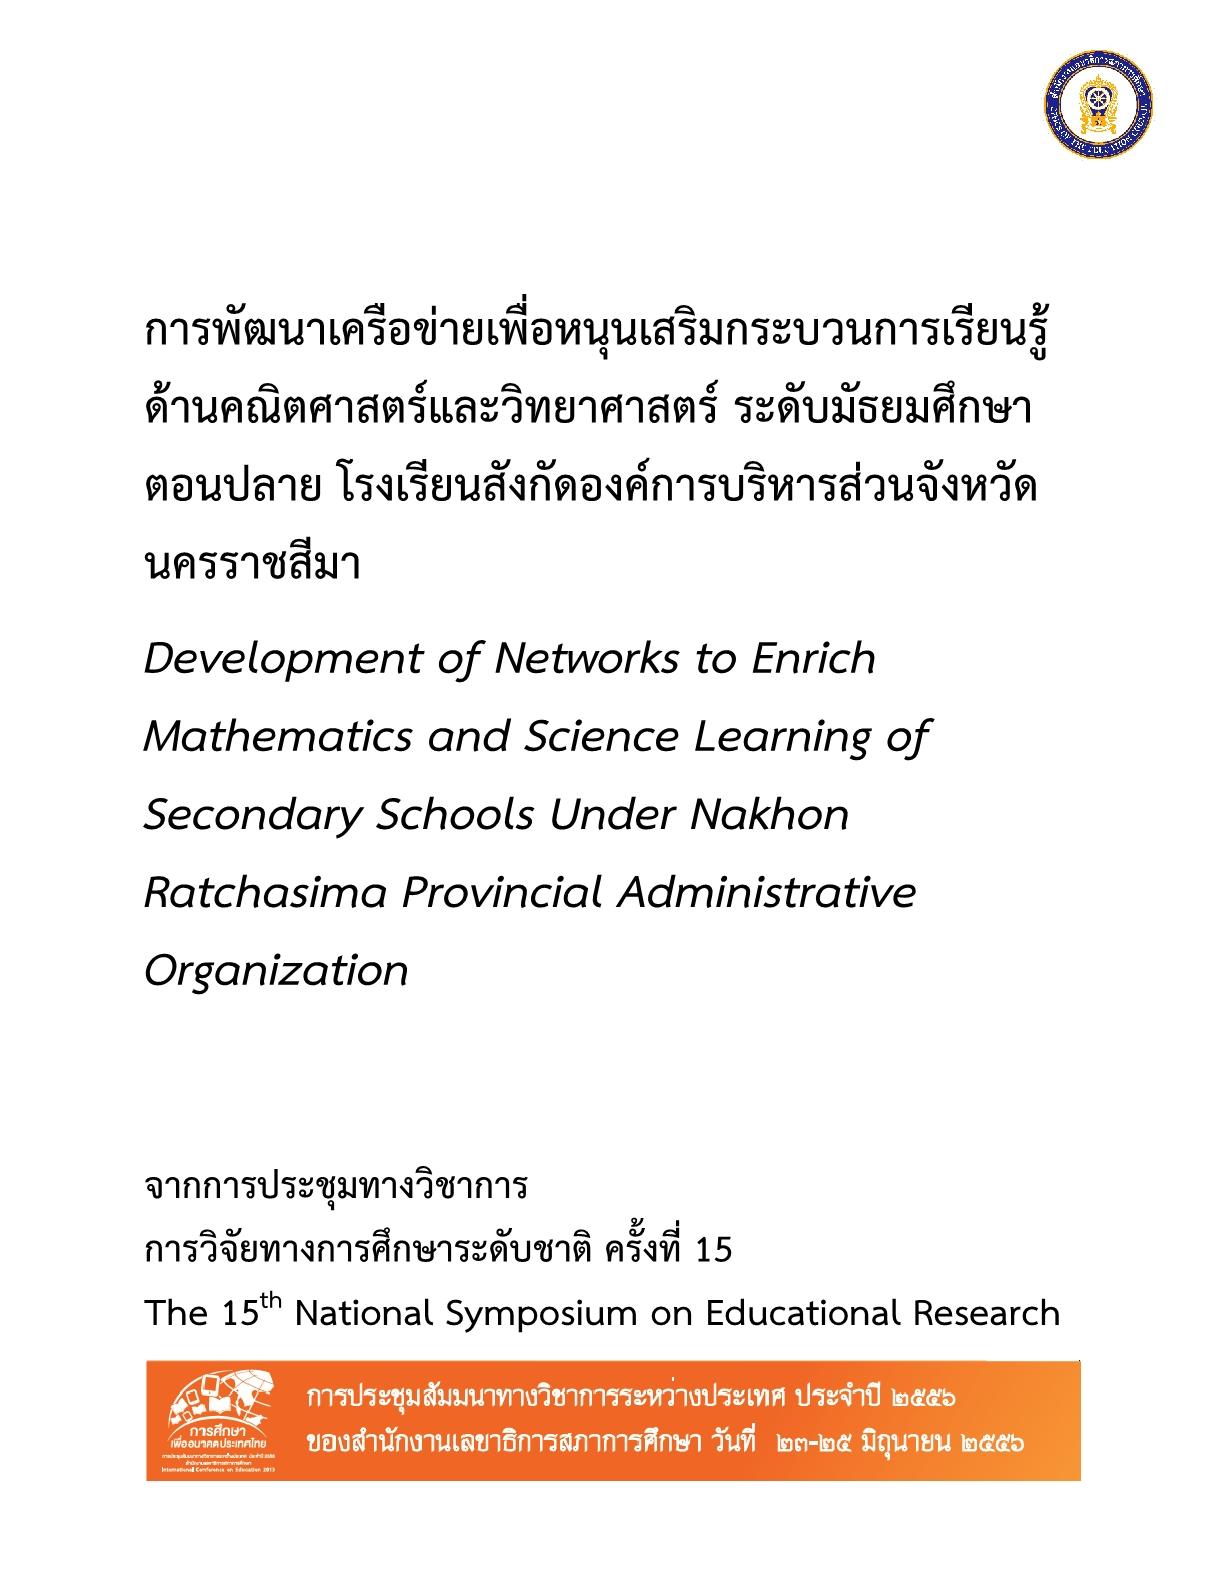 การพัฒนาเครือข่ายเพื่อหนุนเสริมกระบวนการเรียนรู้ด้านคณิตศาสตร์และวิทยาศาสตร์ ระดับมัธยมศึกษาตอนปลาย โรงเรียนสังกัดองค์การบริหารส่วนจังหวัดนครราชสีมา